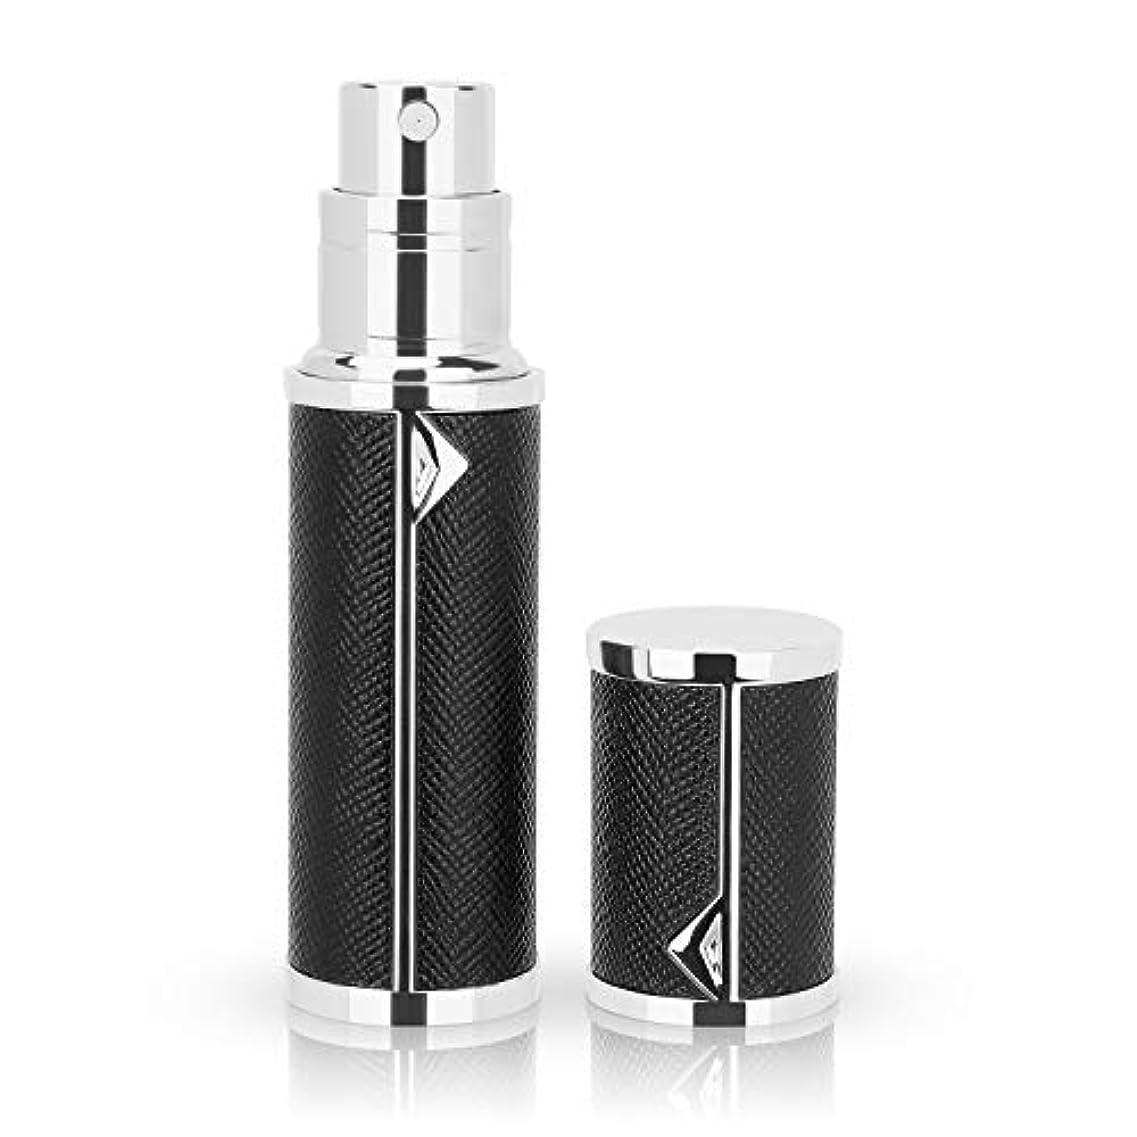 リラックス慢なキウイアトマイザー 香水アトマイザー 詰め替え Louischanzl 香水噴霧器 2-2.5mm径 5ml PUレザー レディース メンズ (黒いBlack)